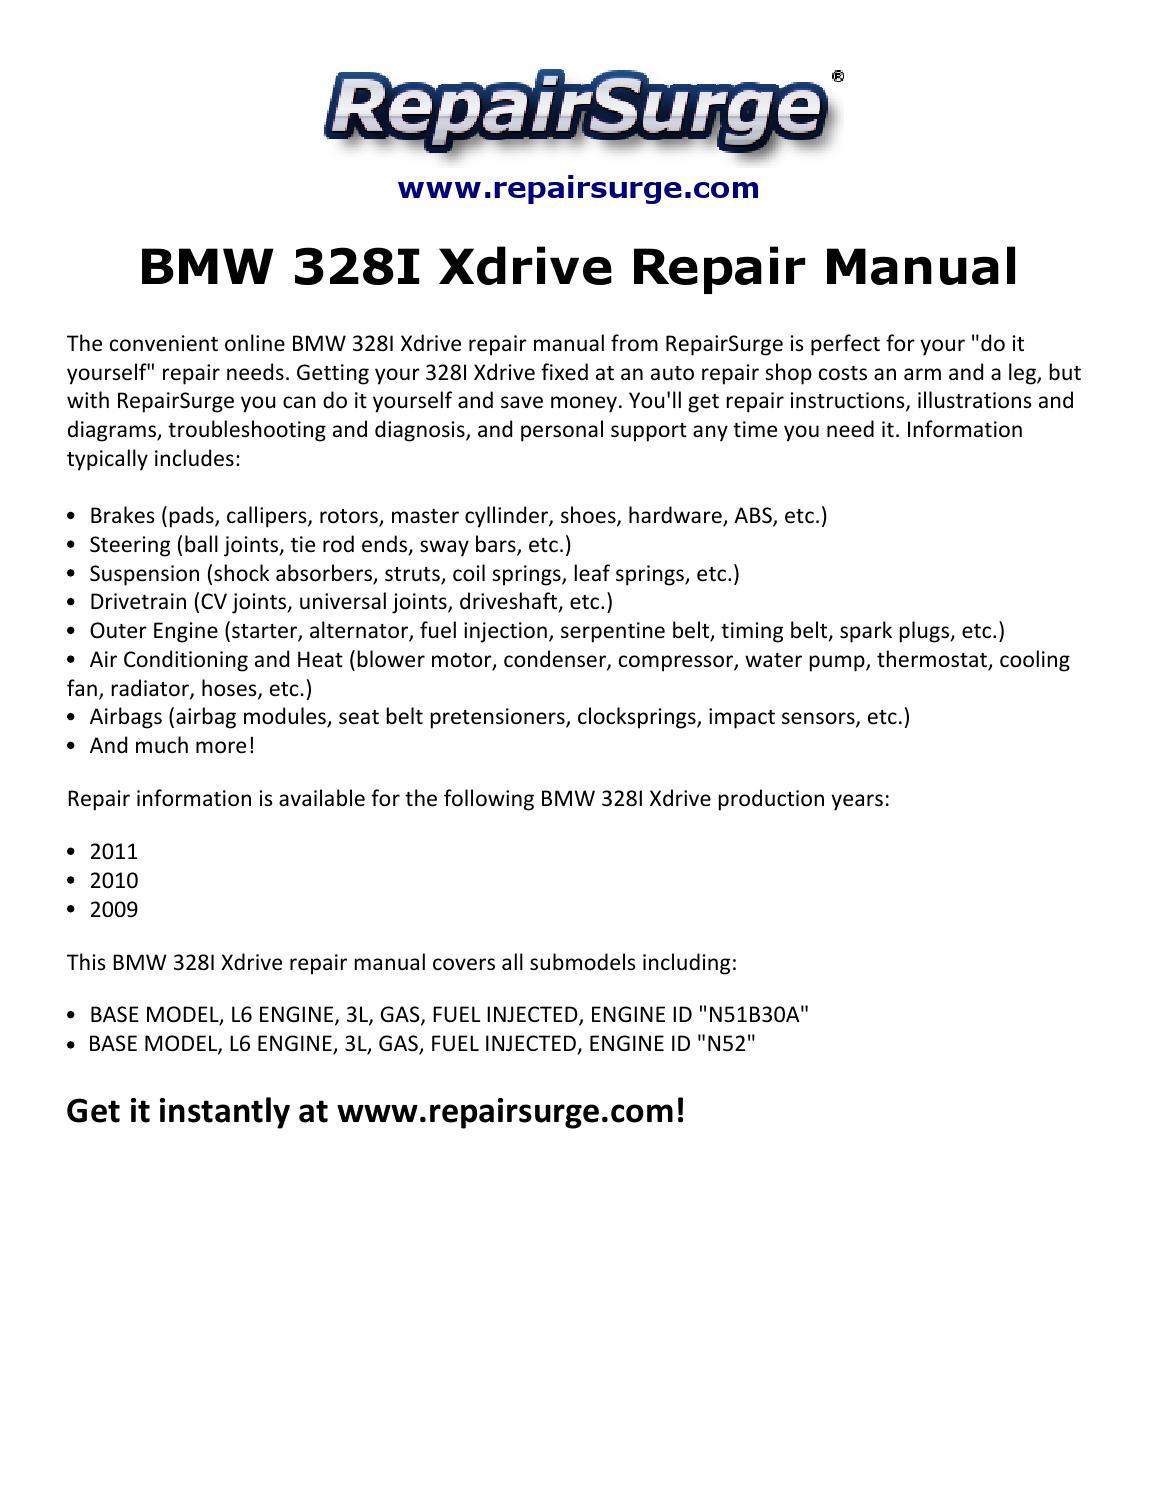 2011 Bmw 328i Engine Diagram Wiring Diagram